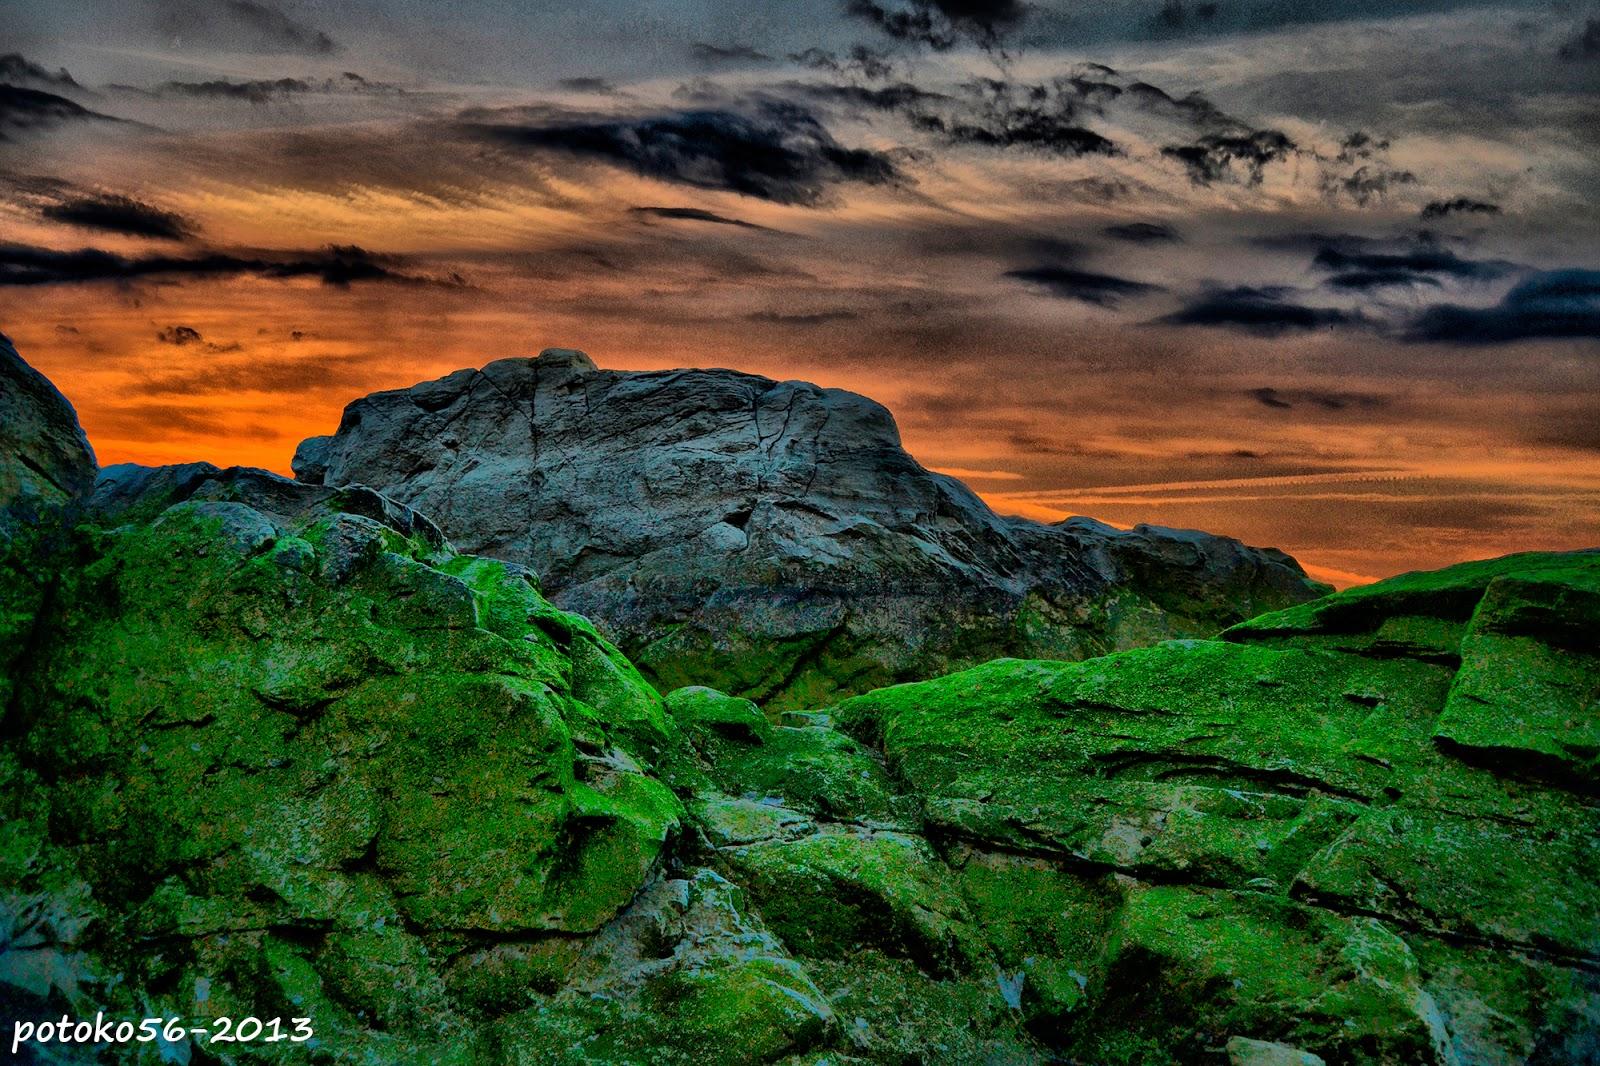 Las piedras de los barros en el amanecer